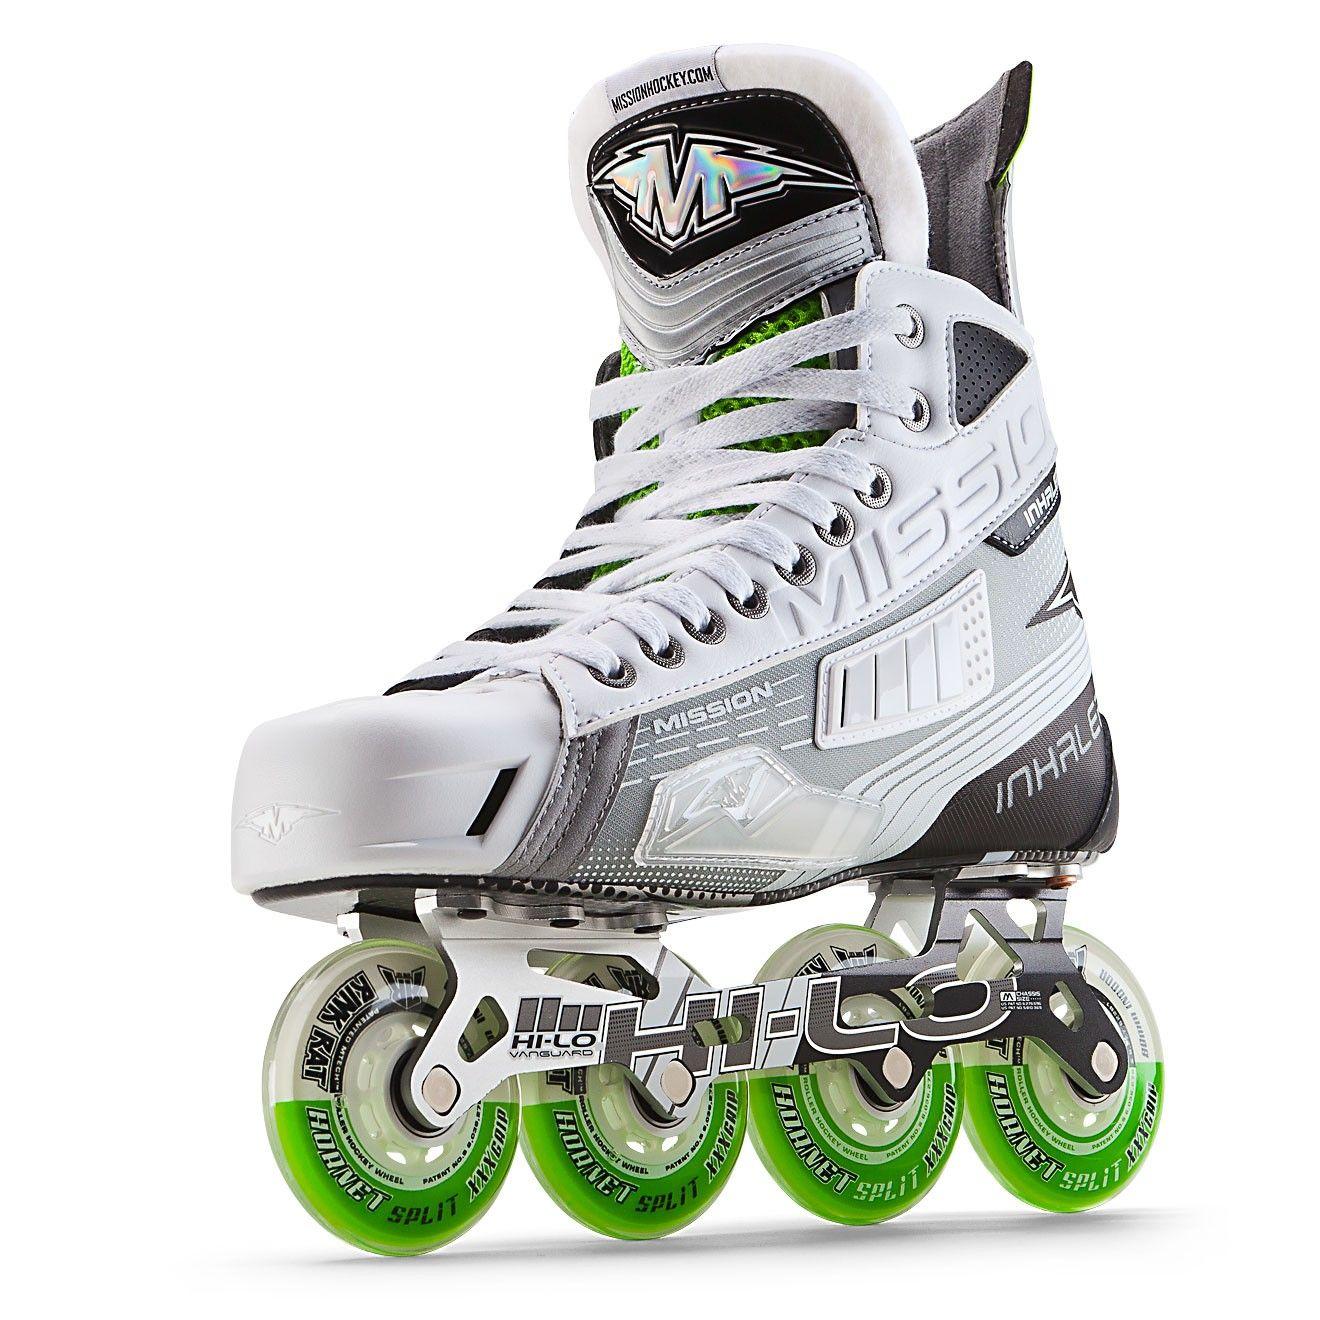 Roller skating rink oakville - Mission Inhaler Ac2 Roller Hockey Skate